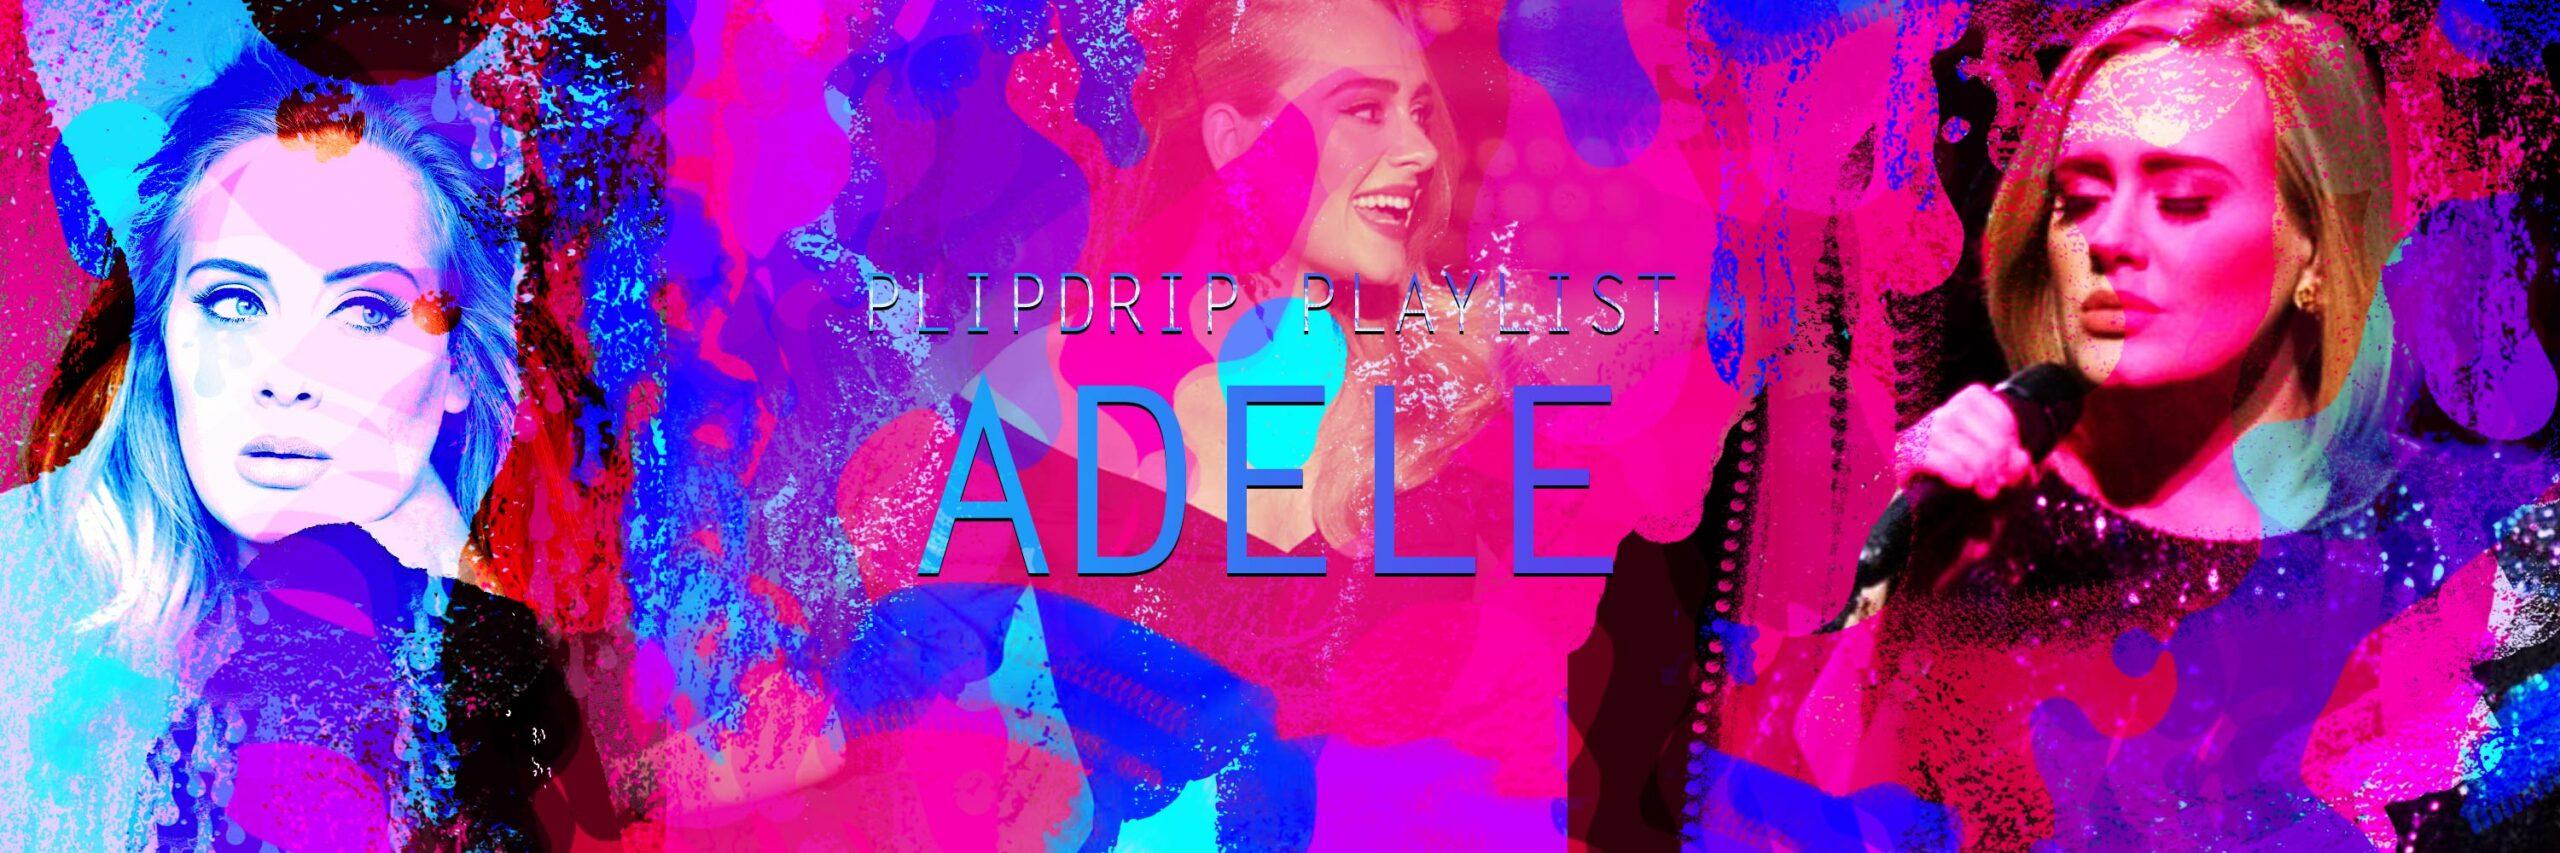 PF-adele-banner-1